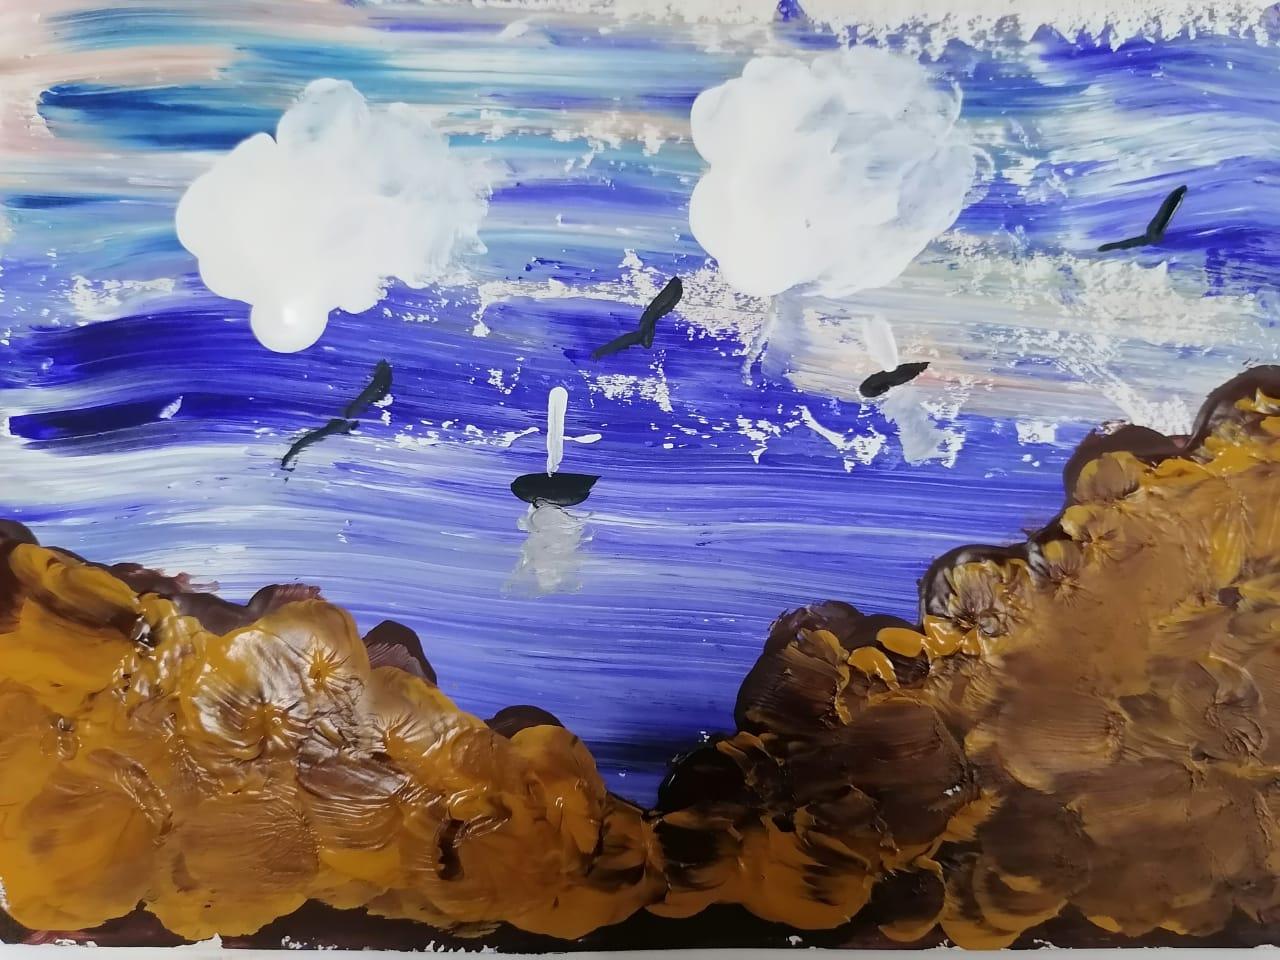 акварельный рисунок с морем и скалами